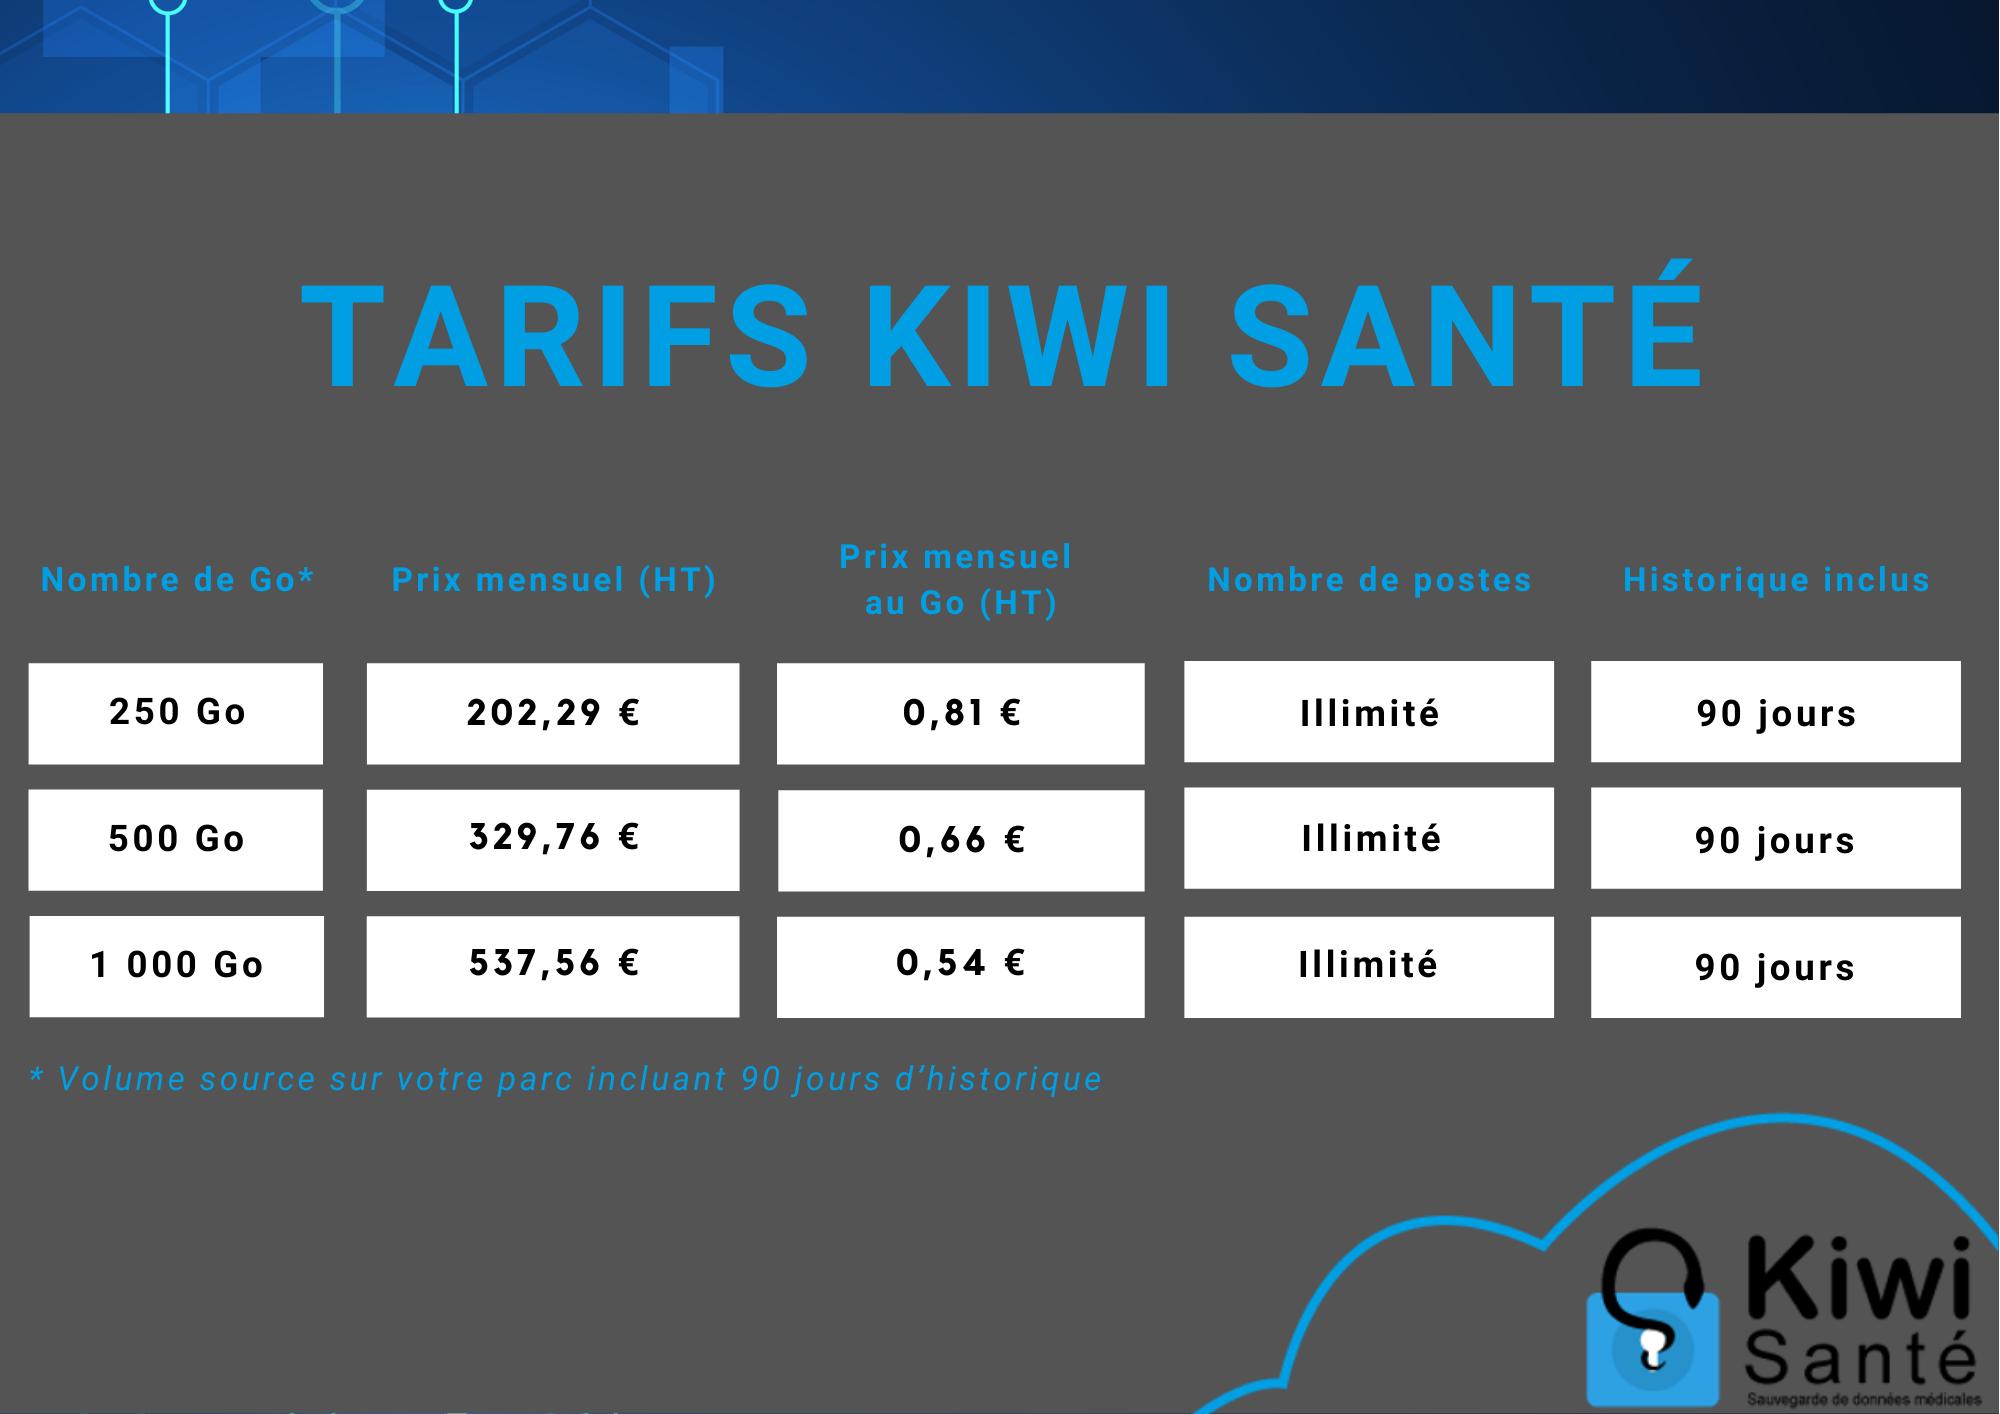 tarifs kiwi santé